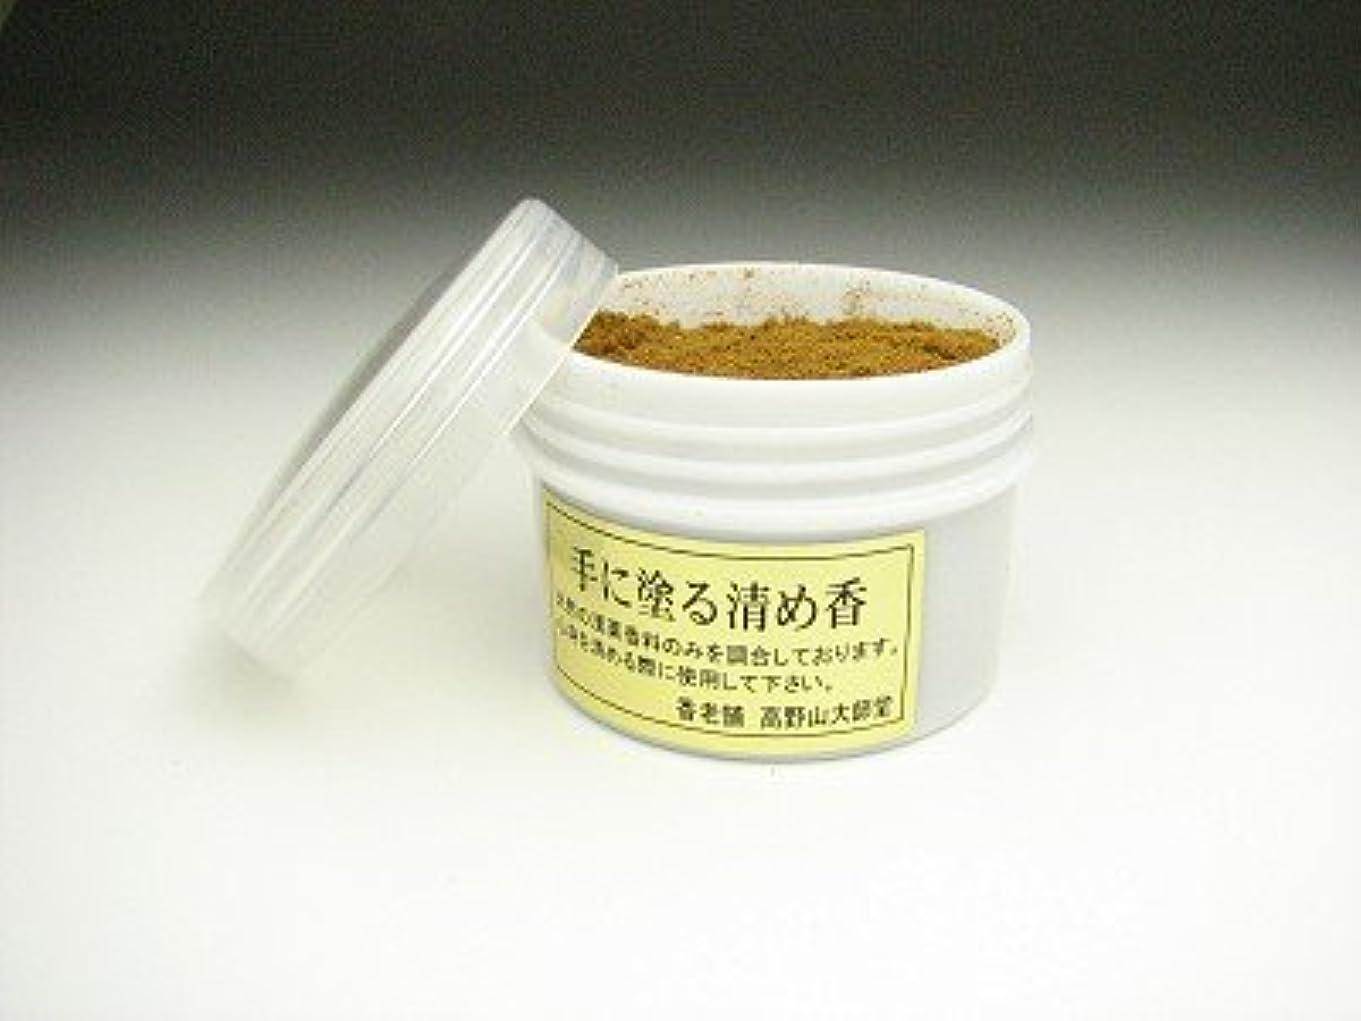 最適ドアミラー距離塗香 (手に塗る清め香) 15g プラカップ入